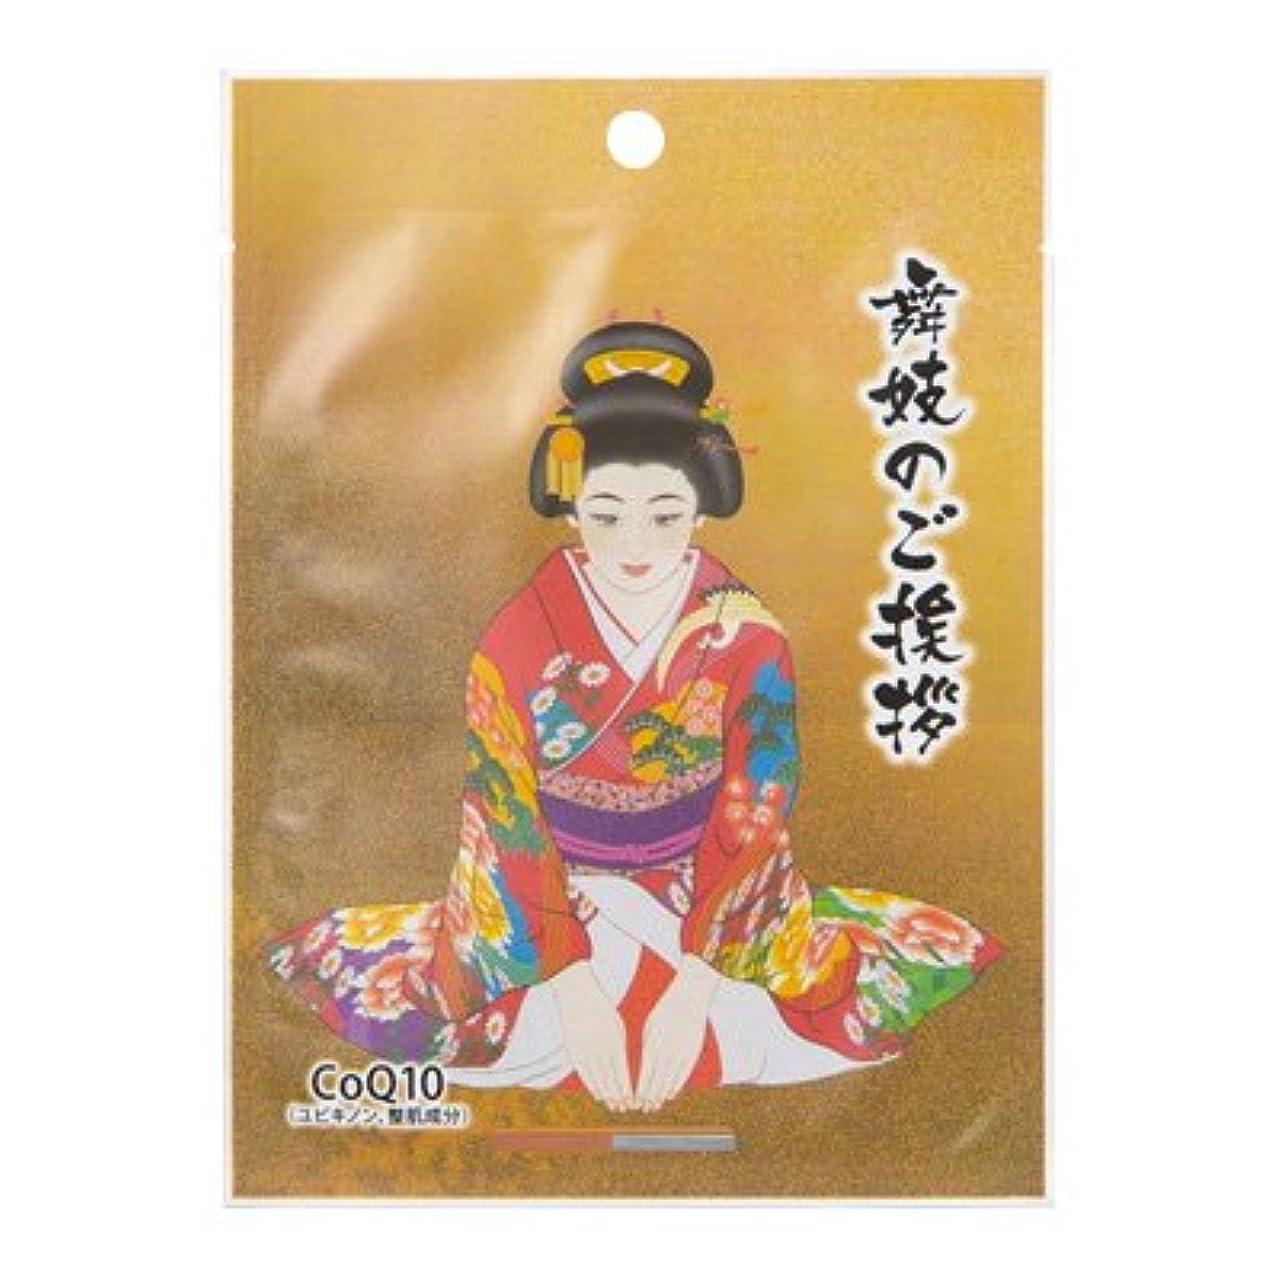 亜熱帯政治家のハンディ愛粧堂 舞妓マスク CoQ10 1枚 [並行輸入品]